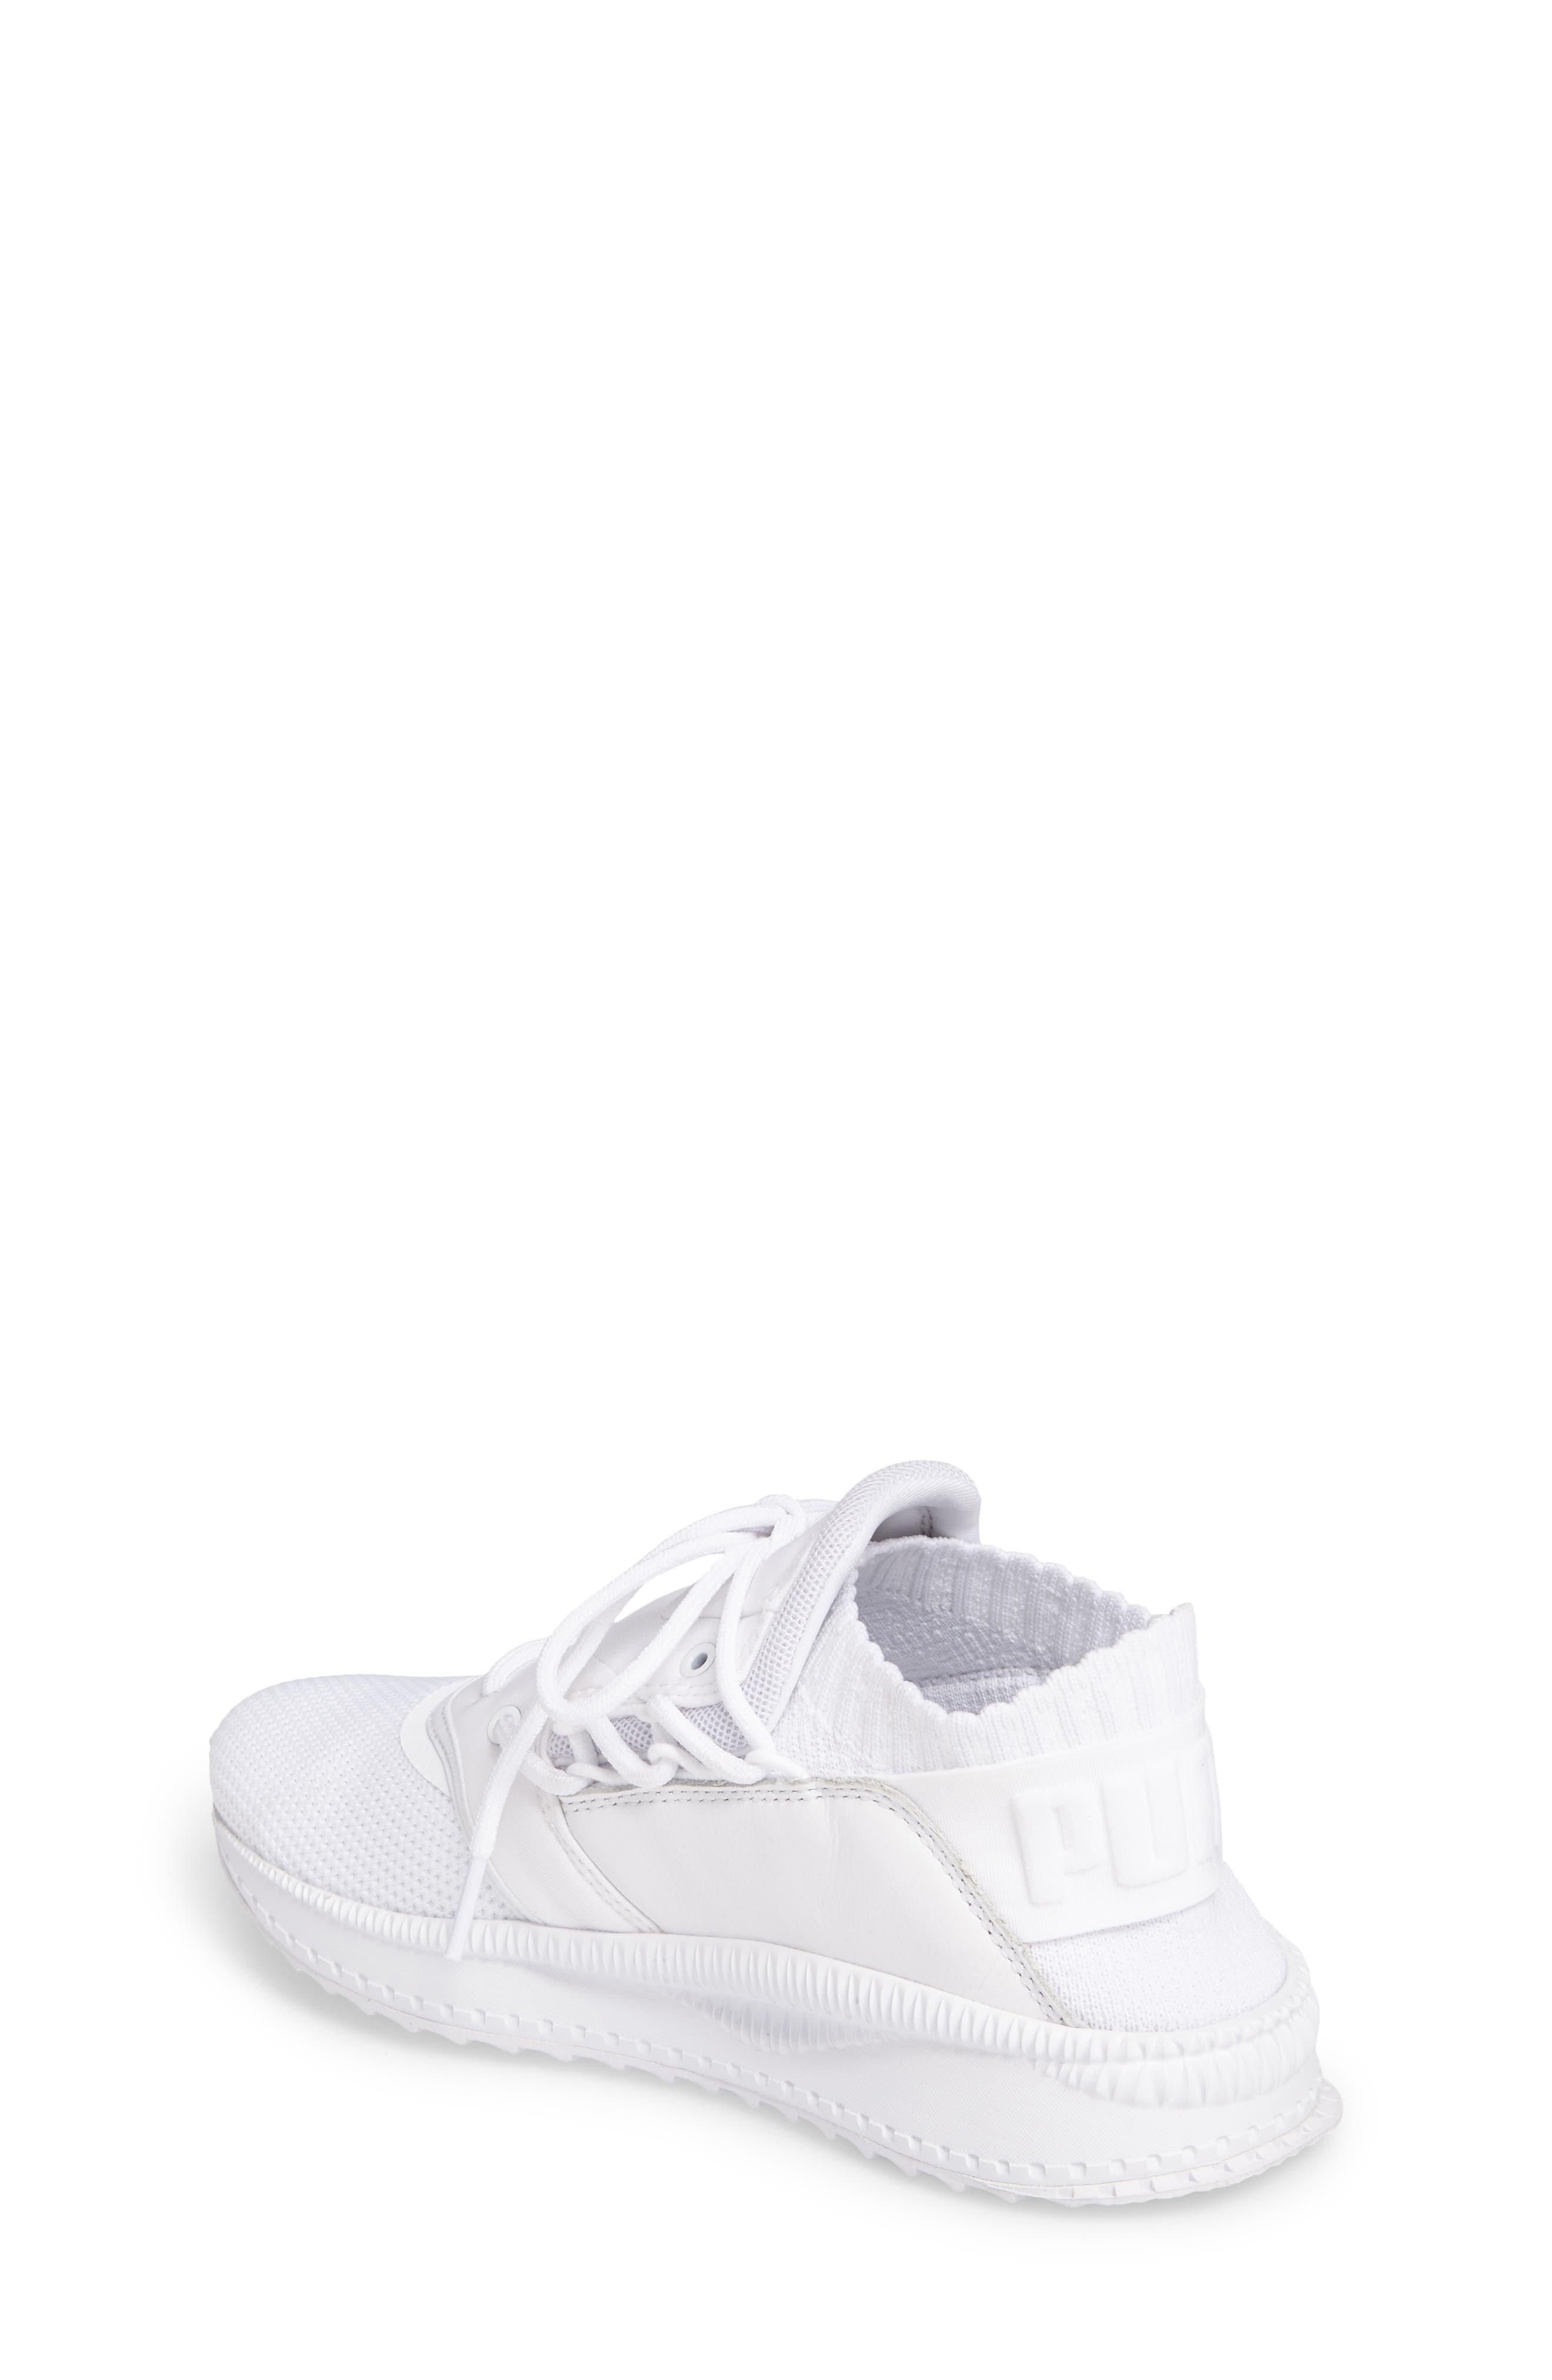 Tsugi Shinsei Jr Training Shoe,                             Alternate thumbnail 2, color,                             White